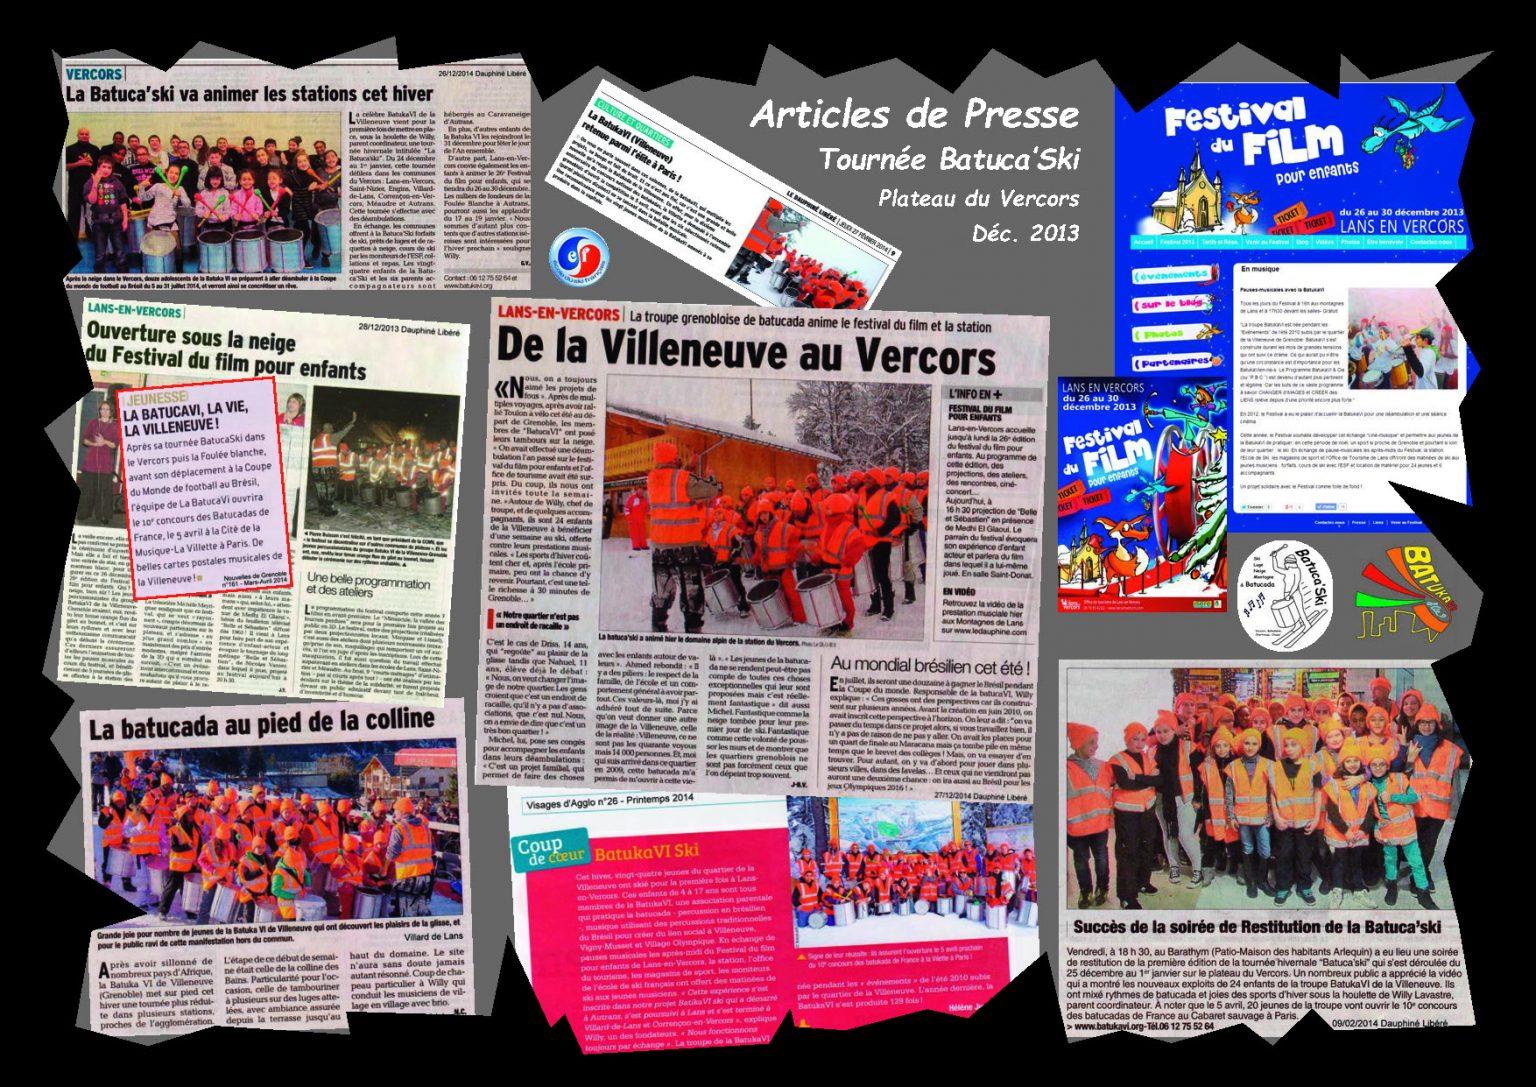 BatukaVI - Panneau Articles 2013-12 Tournée Batuca'Ski (Réduit)